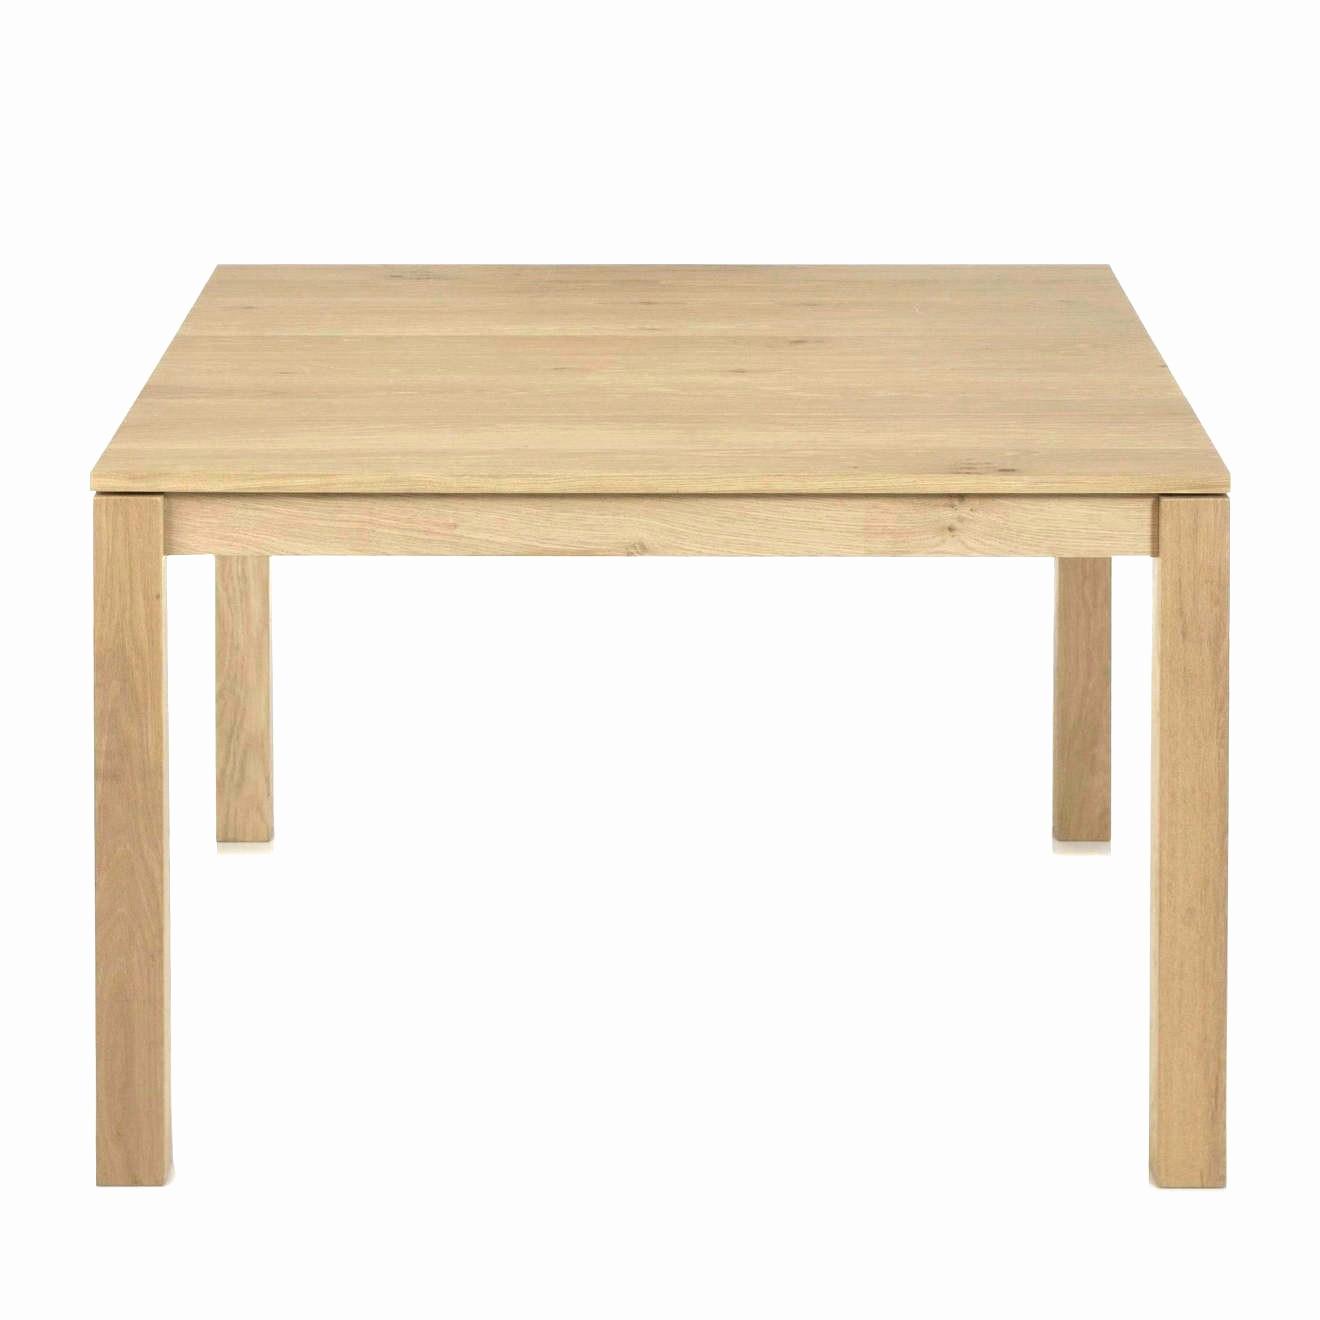 Fabriquer Une Table De Jardin Luxe Fabriquer Un Salon De Jardin En Bois Inspiré Luxe Fabriquer